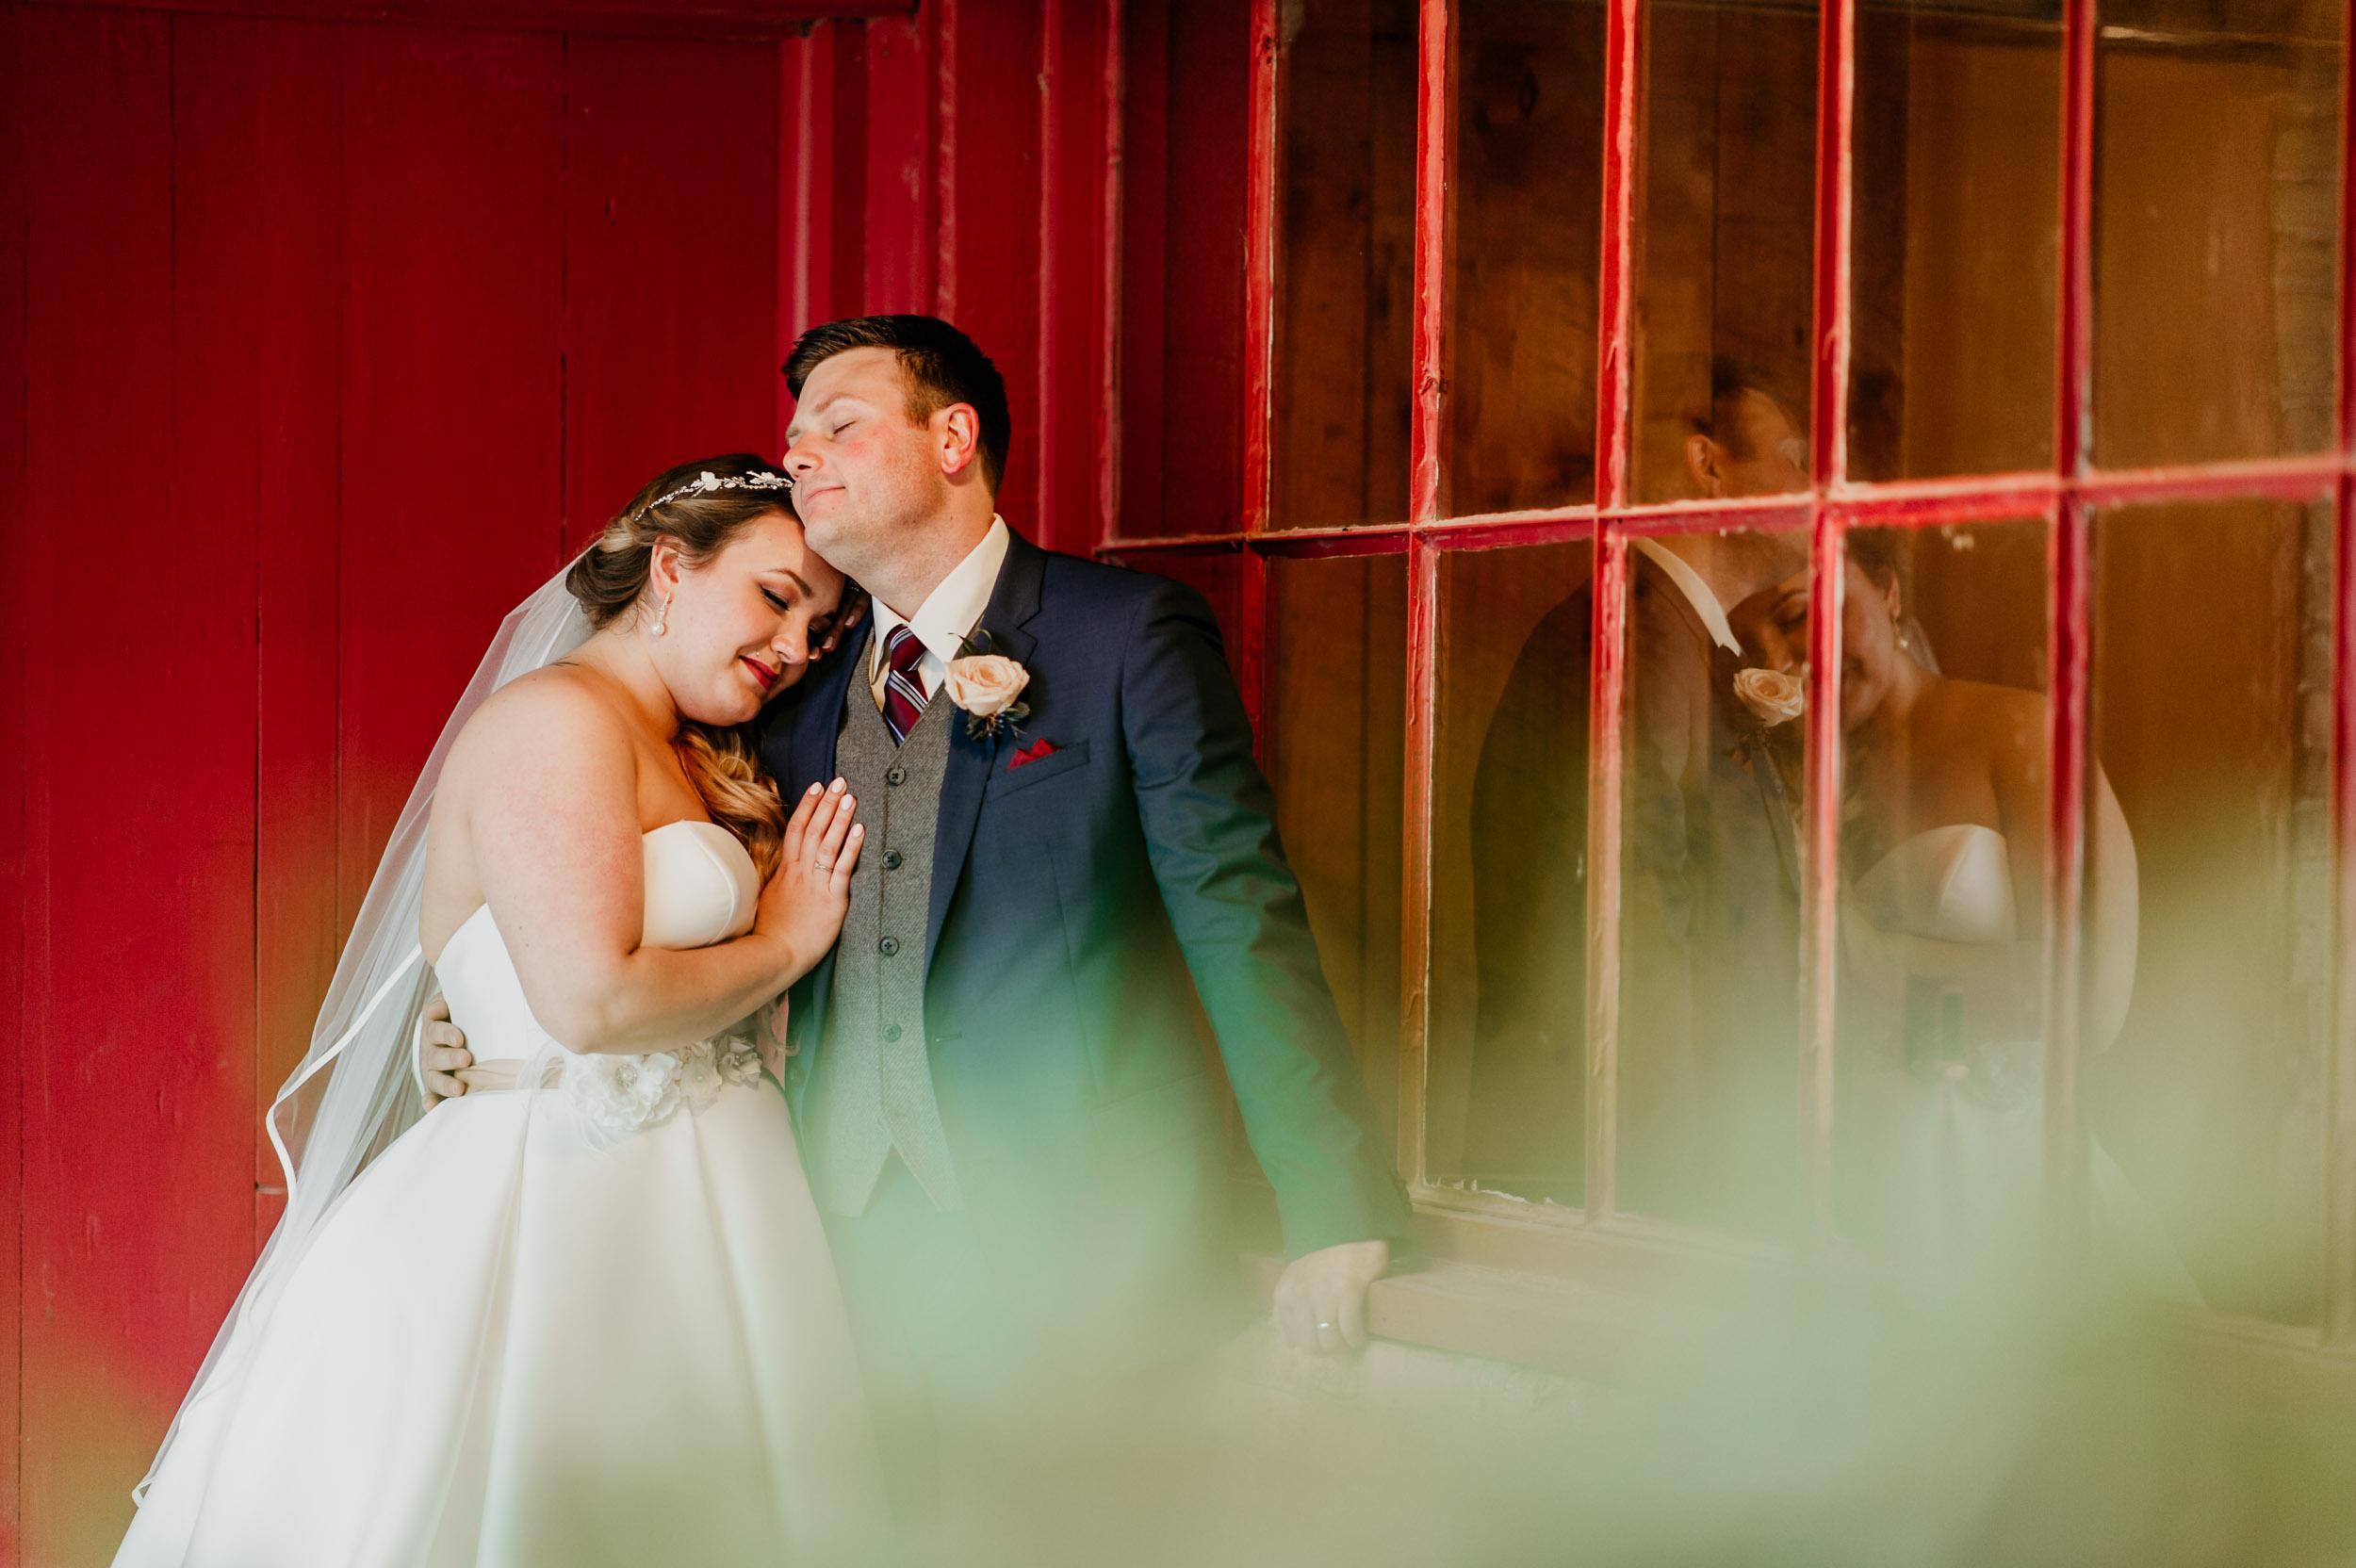 wedding-photography-stratford-davidiam-191.jpg